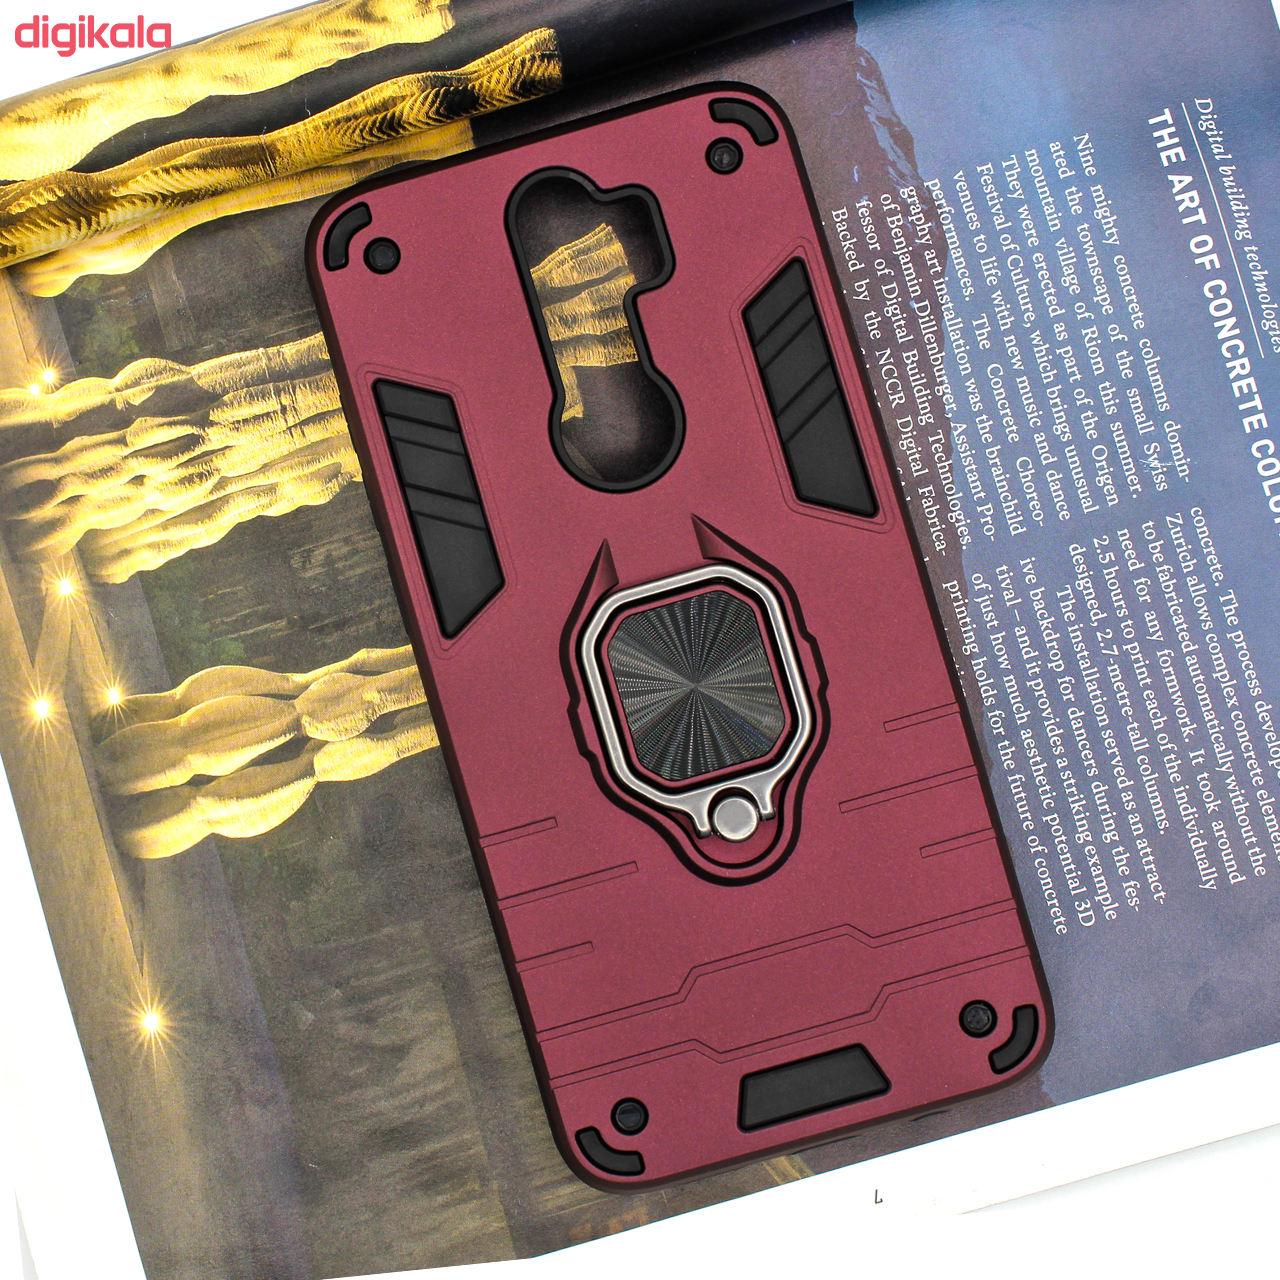 کاور کینگ پاور مدل ASH22 مناسب برای گوشی موبایل شیائومی Redmi Note 8 Pro main 1 8